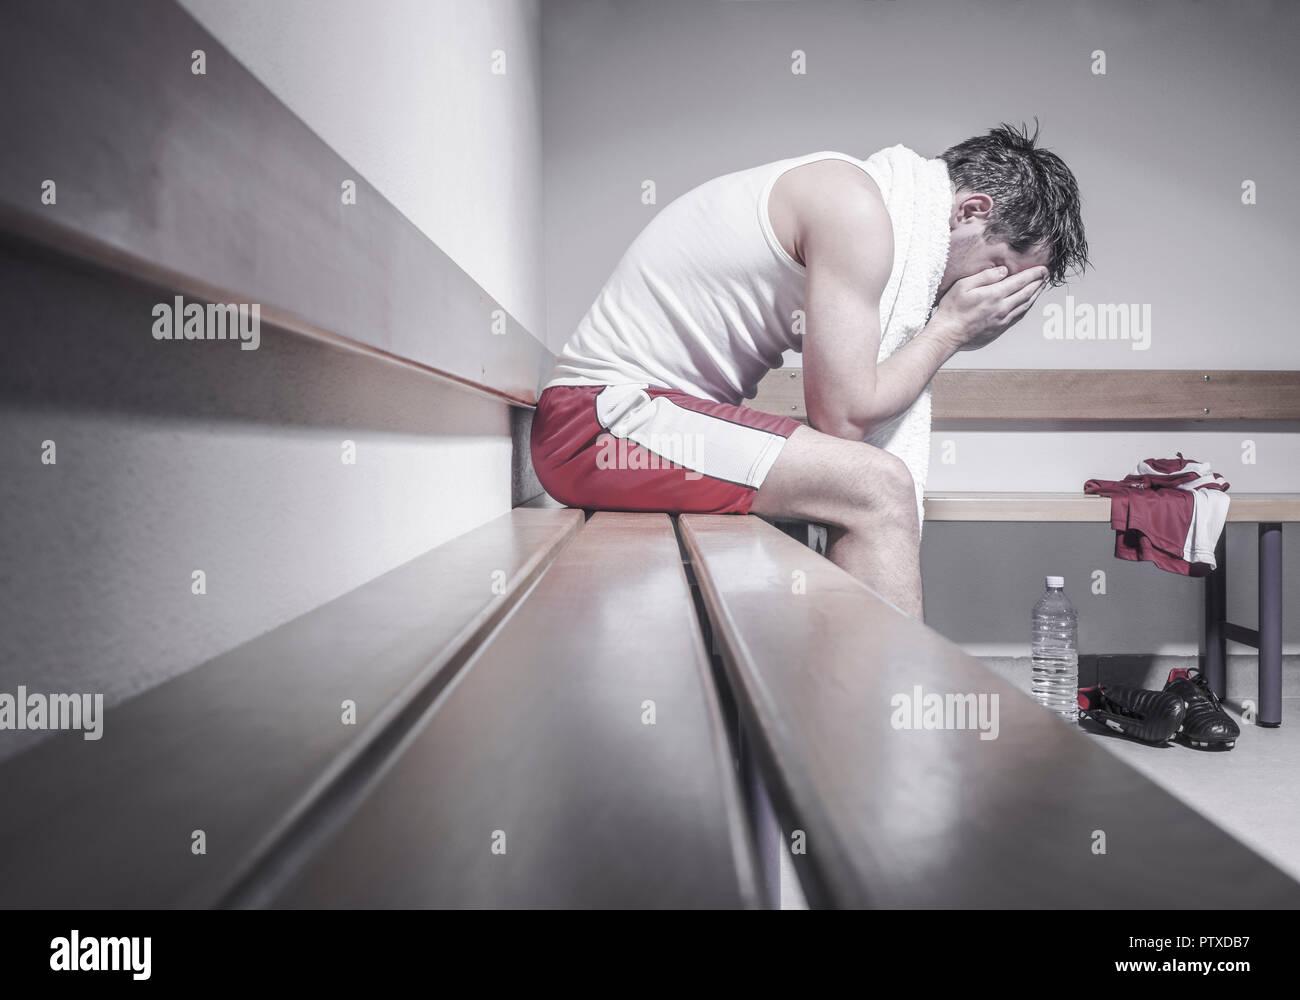 Fussballspieler in Umkleidekabine, niedergeschlagen (model-released) - Stock Image